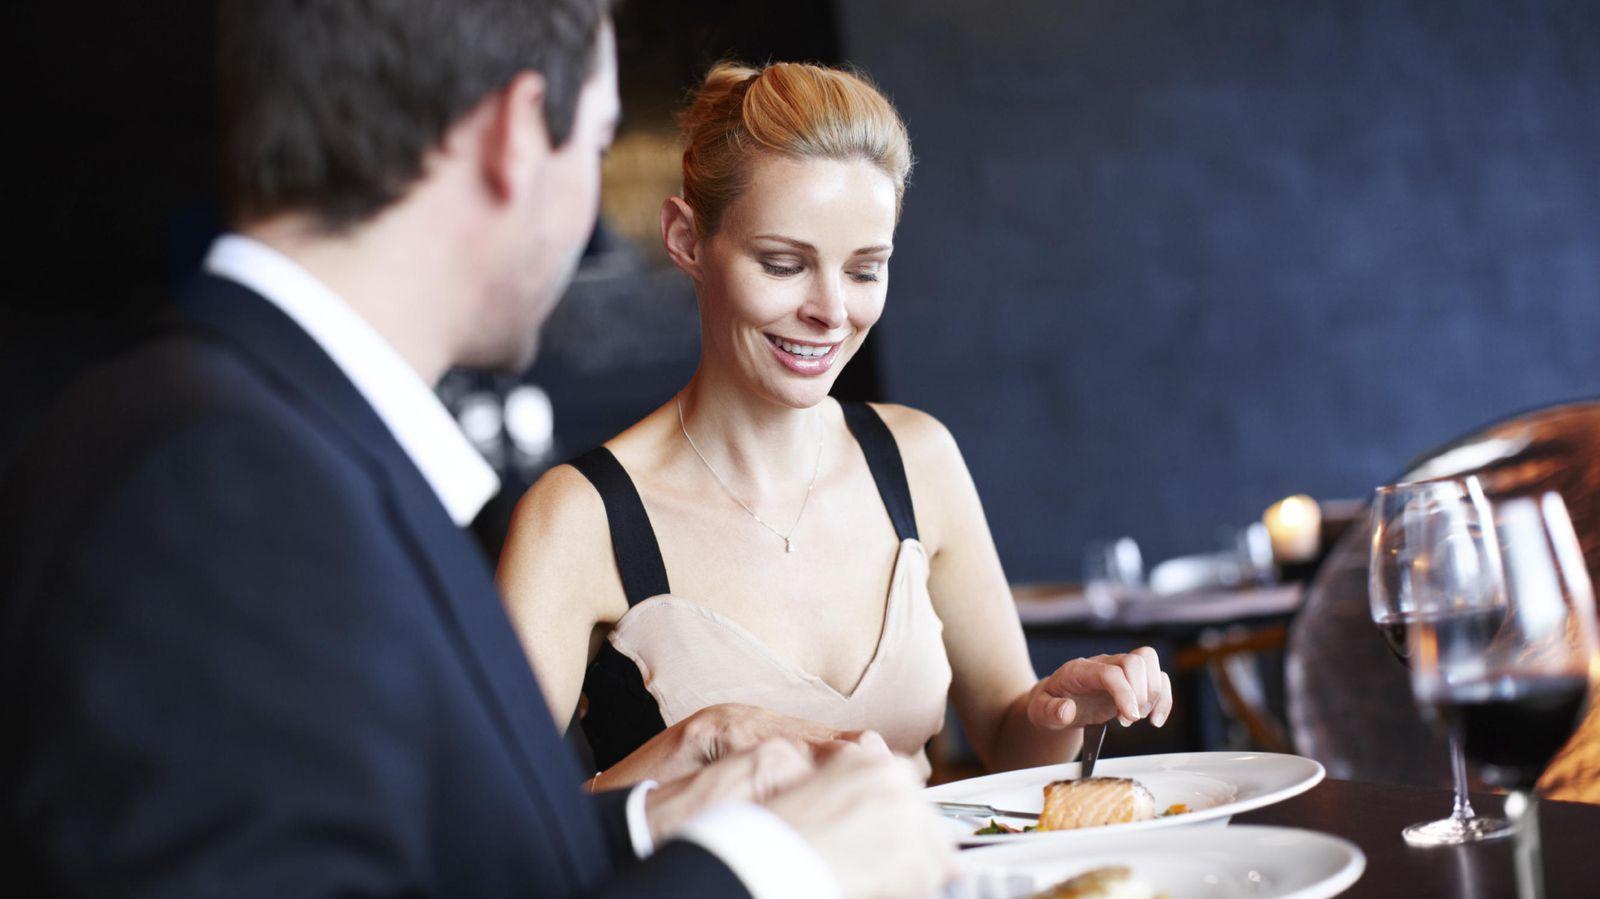 Foto: En cualquier comida formal es importante guardar ciertas normas protocolarias. (iStock)